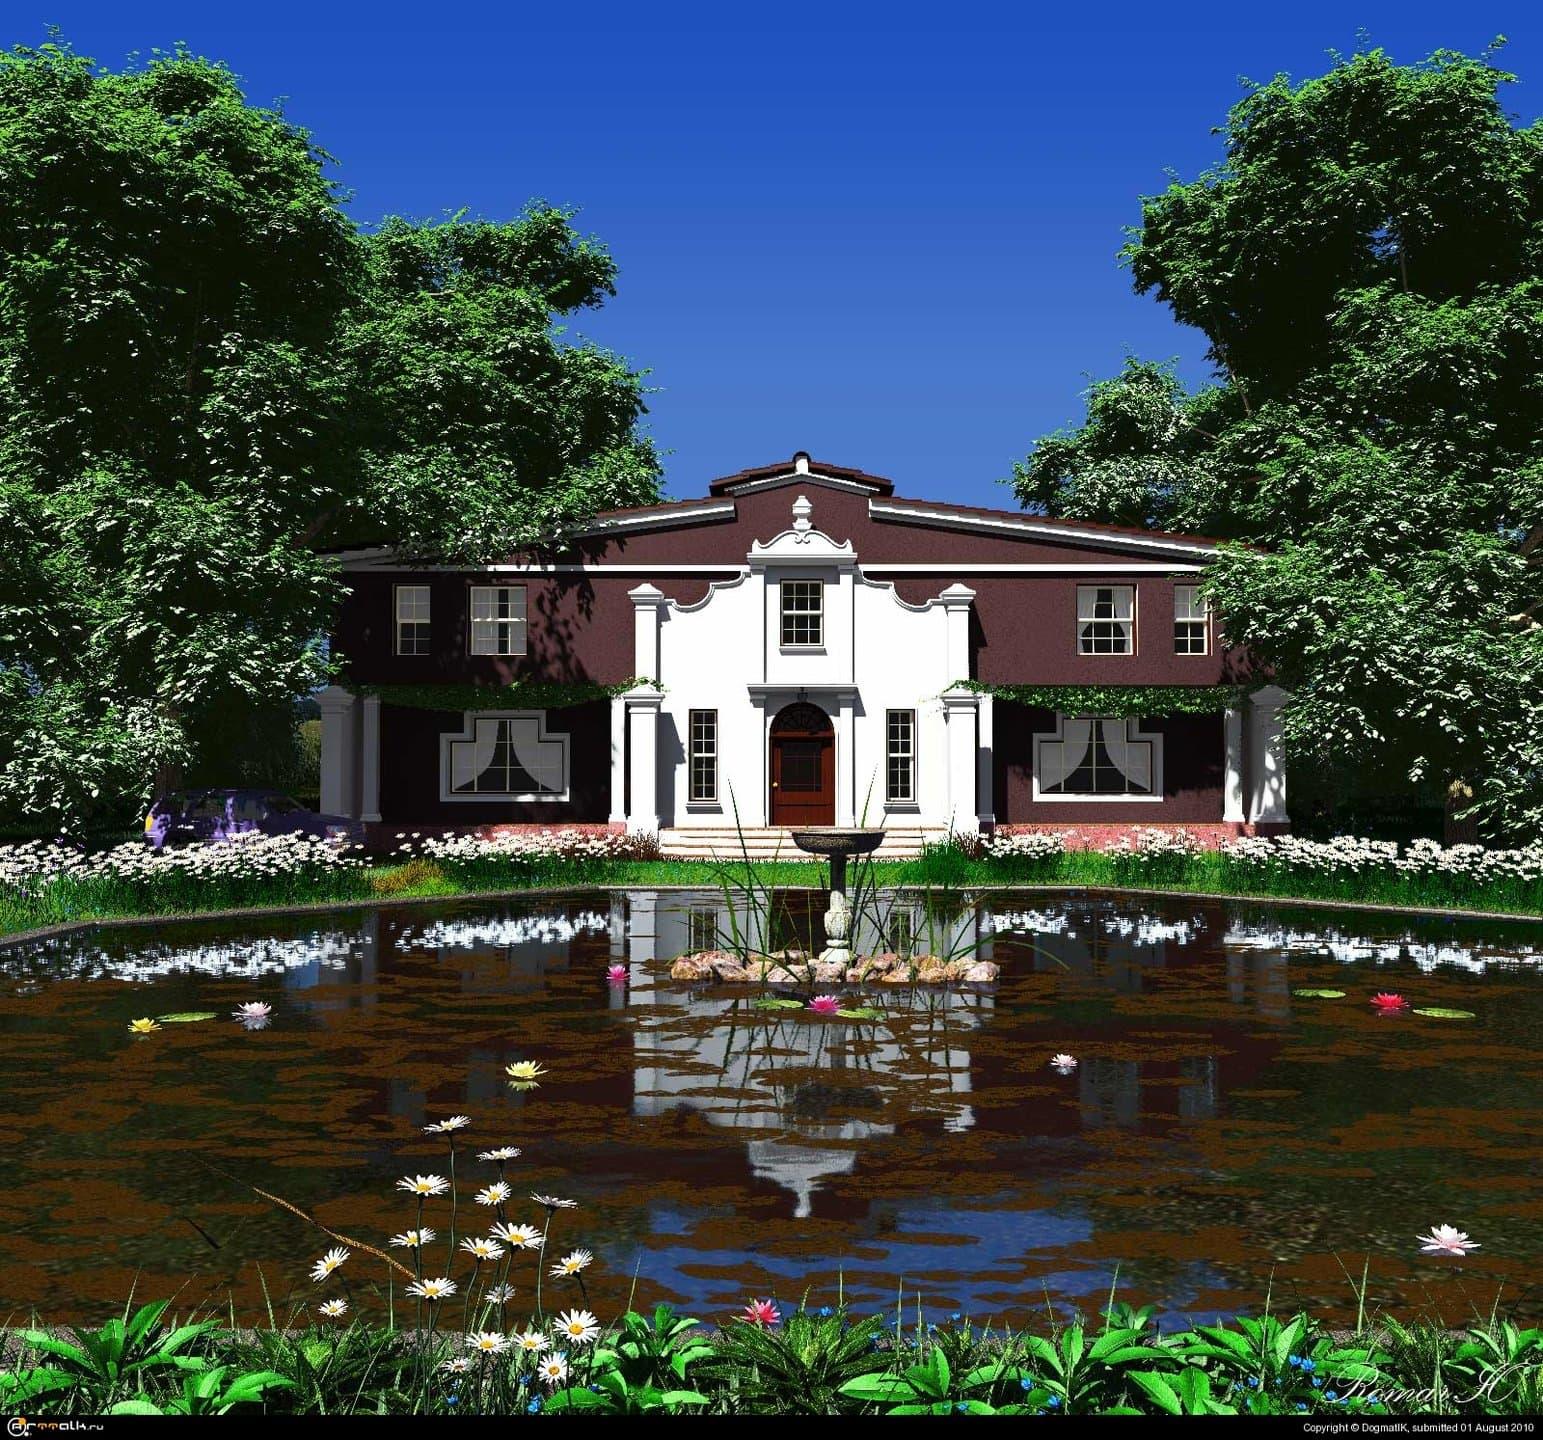 Пруд в саду усадьбы Ормаринс. Капская провинция, ЮАР.